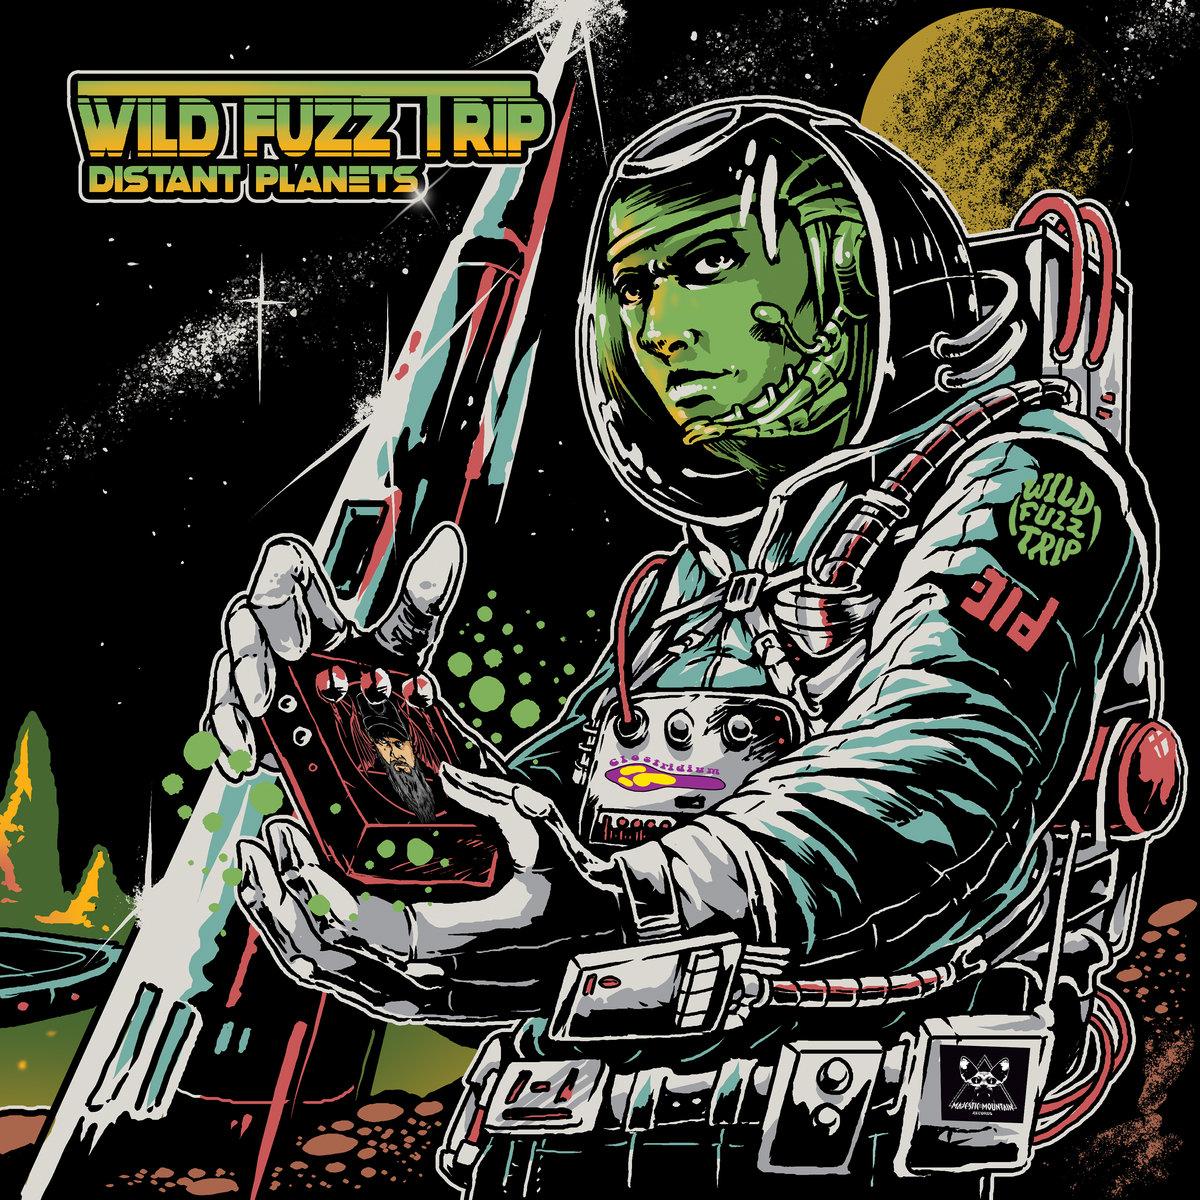 """Wild Fuzz Trip """"Distant Planets"""""""